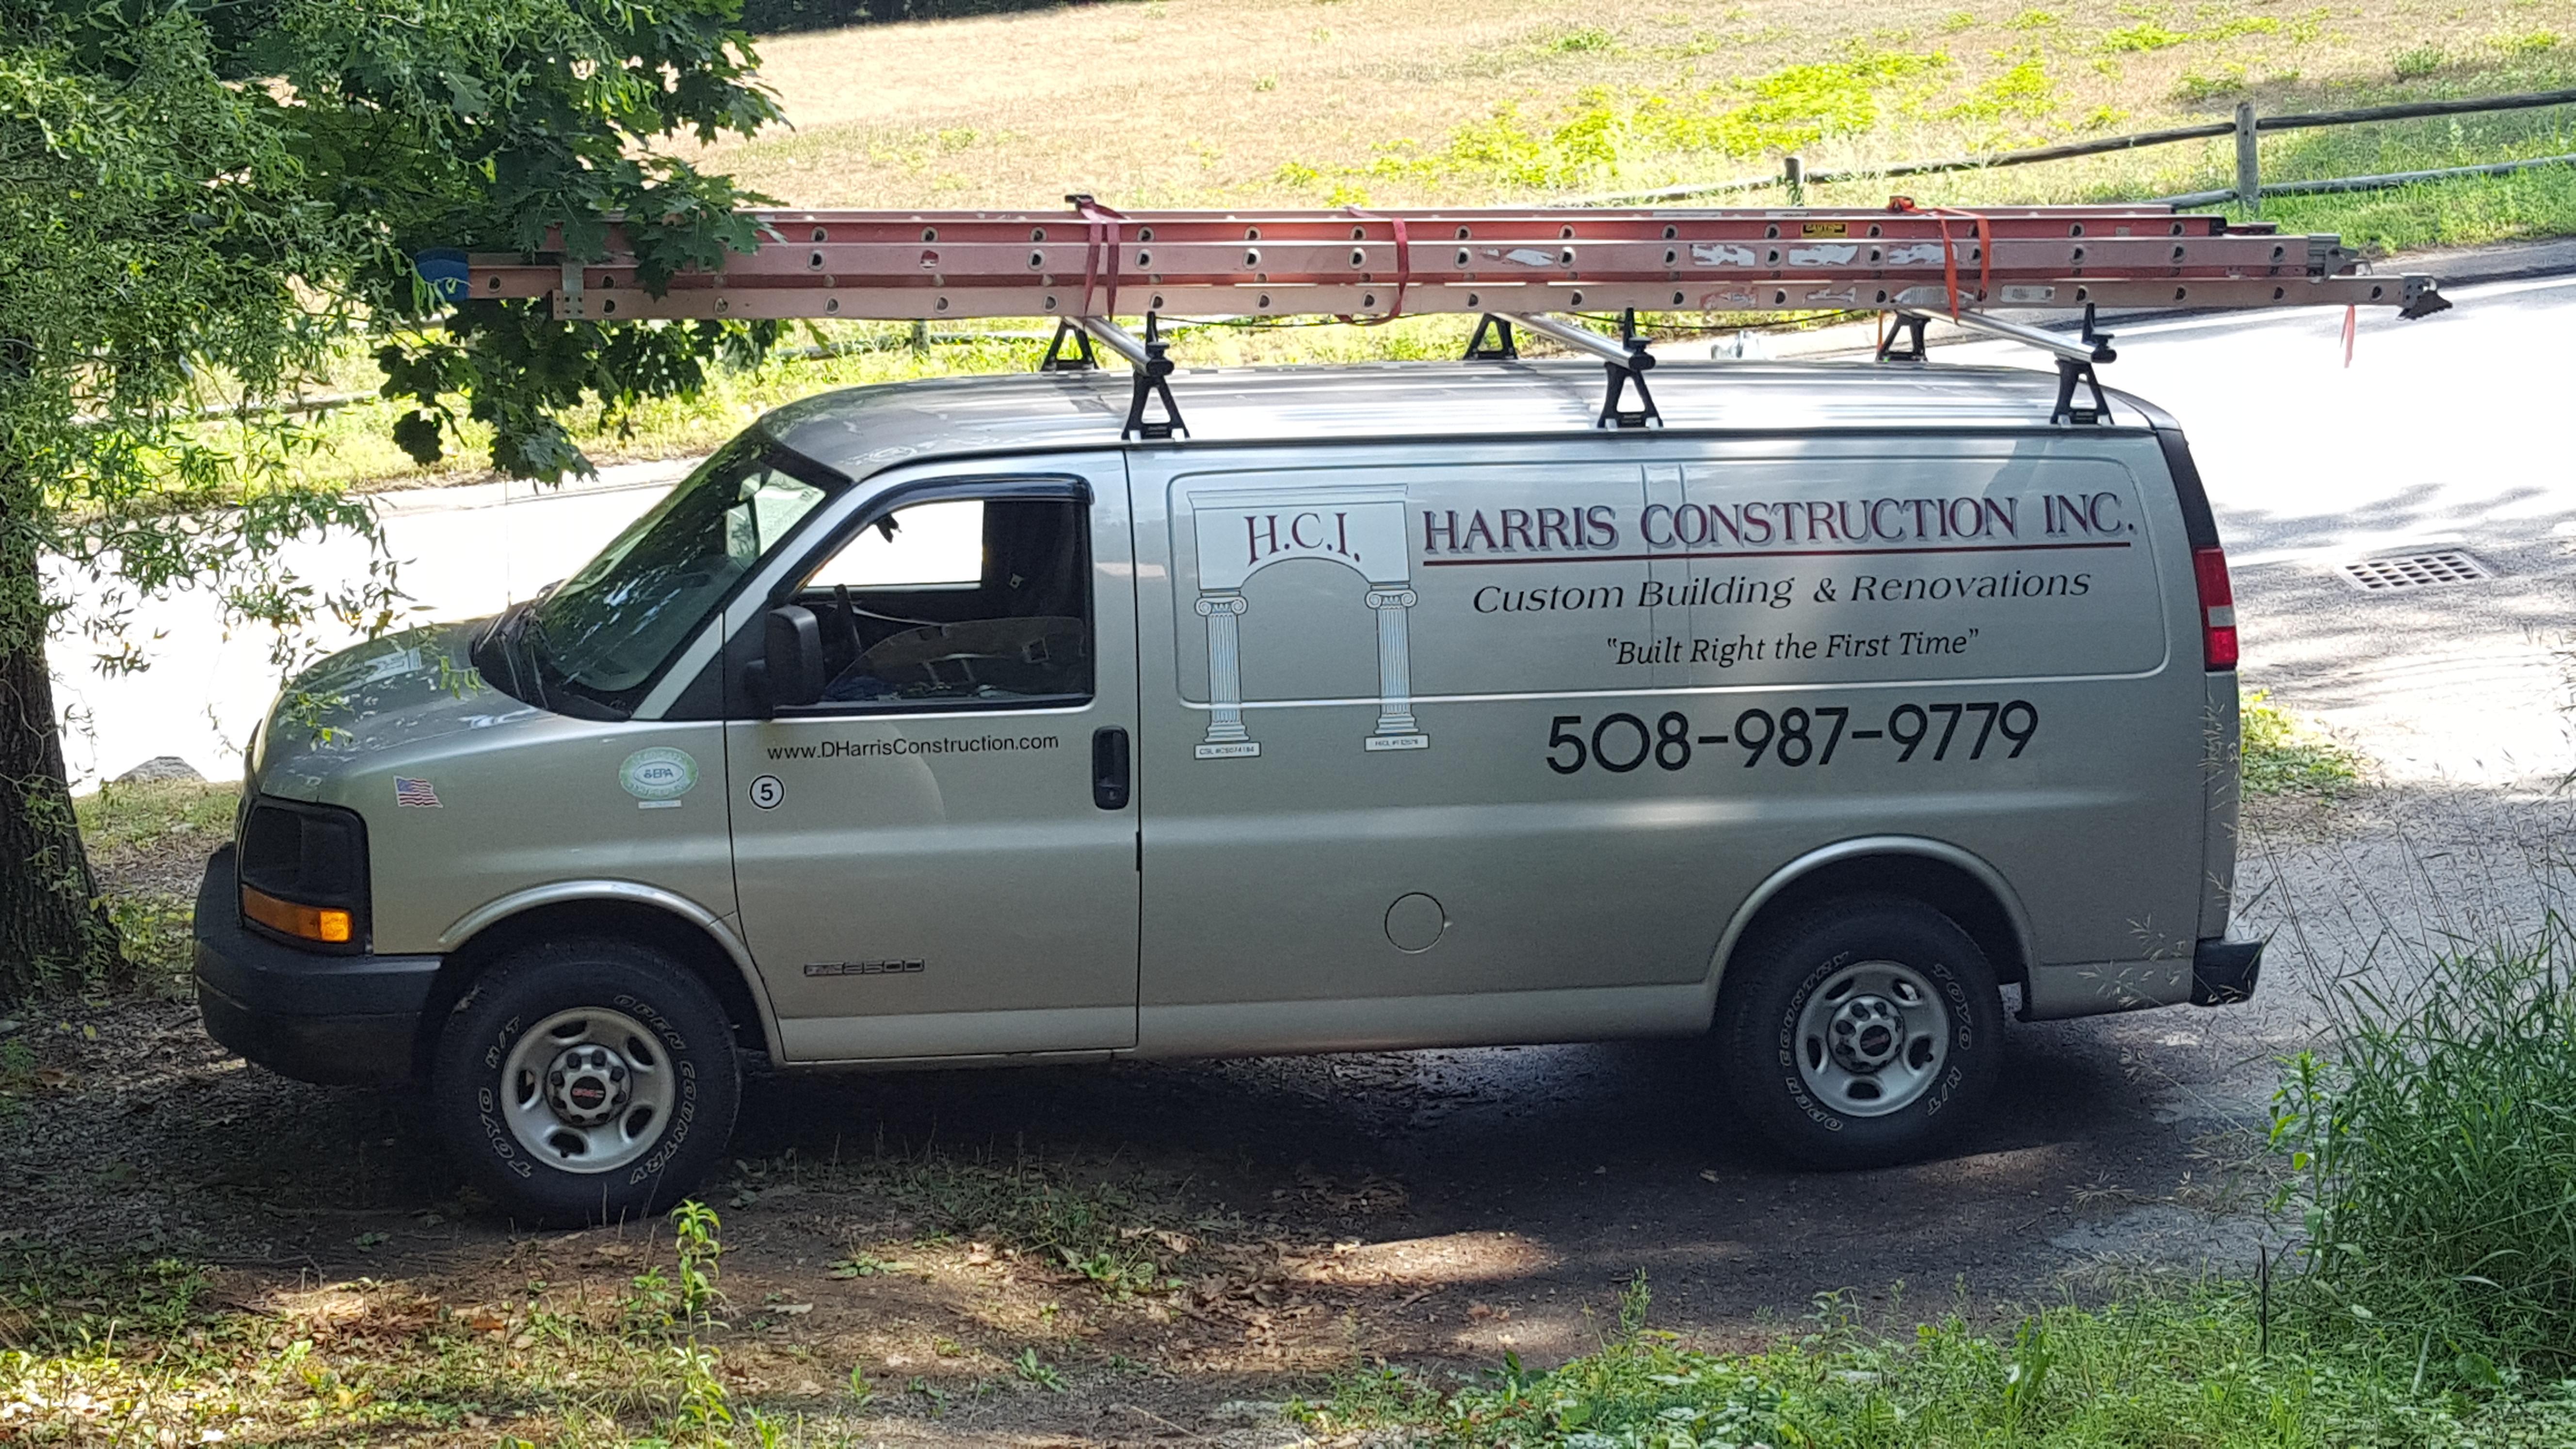 Harris Construction Inc - Van